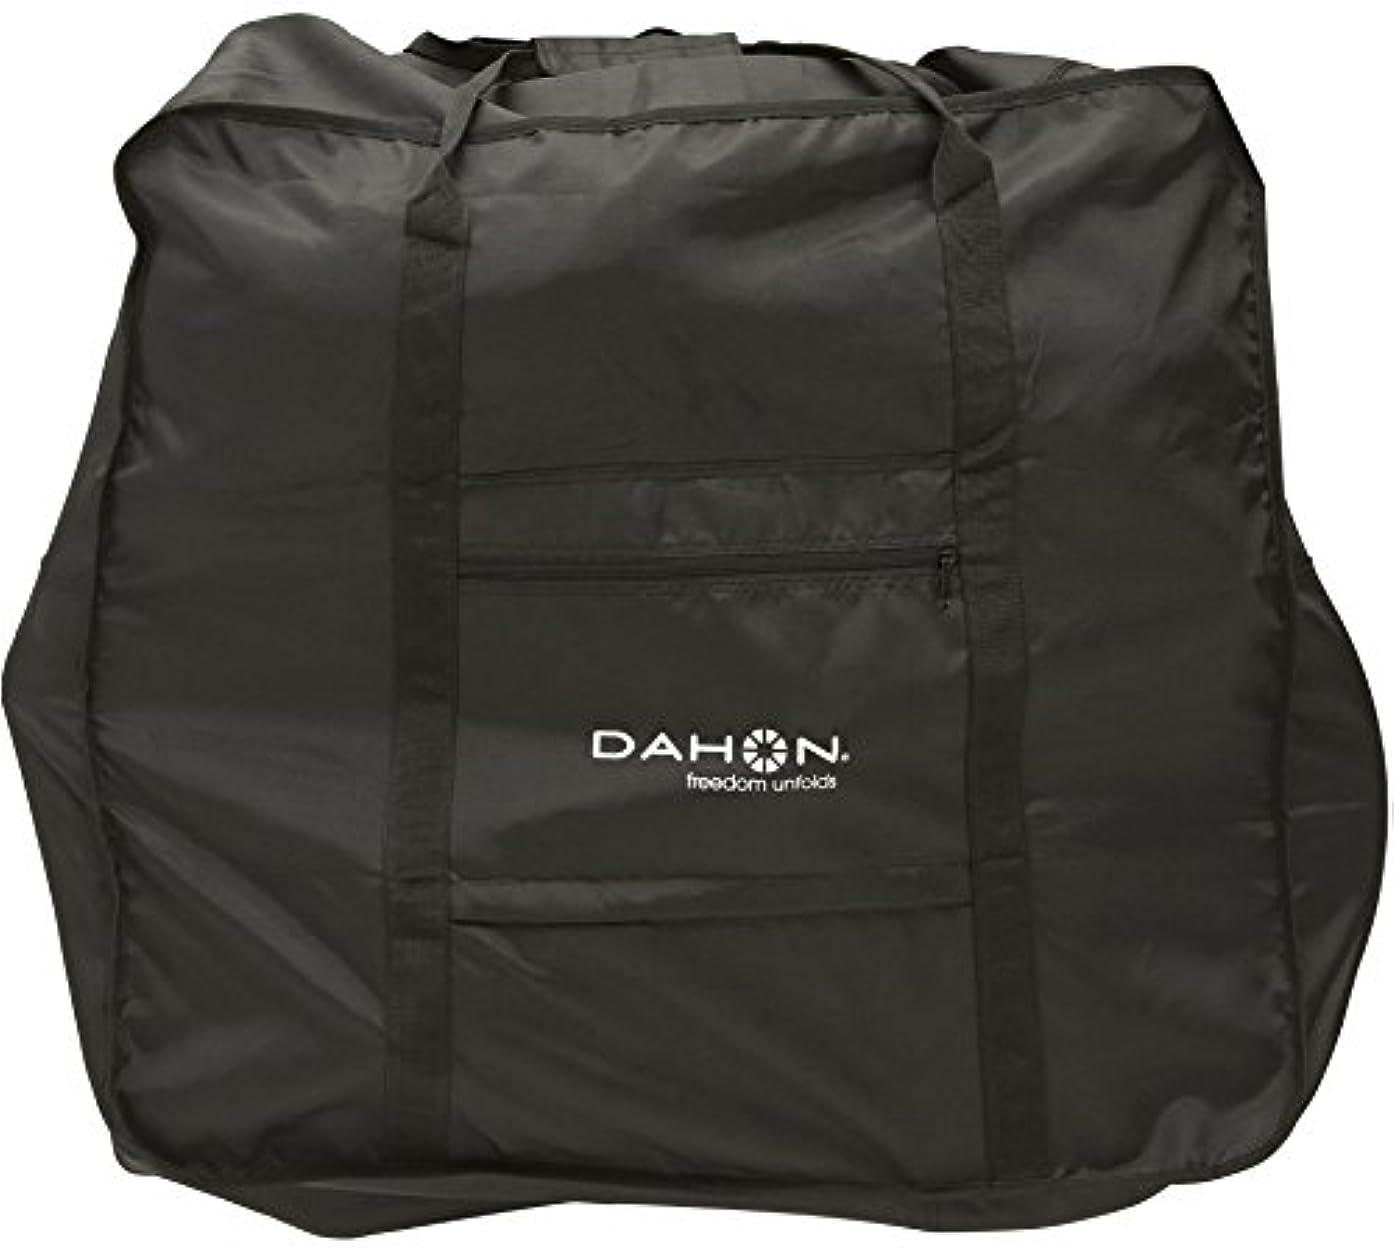 拍手追放するやさしいダホン(DAHON) Easy Carry Bag(イージーキャリーバッグ) [DAHONインターナショナル 2018年モデル全車種対応] 輪行袋 ハンドル固定型収納ケース付き 完全収納タイプ ファスナー付き 型掛けベルト付き ブラック